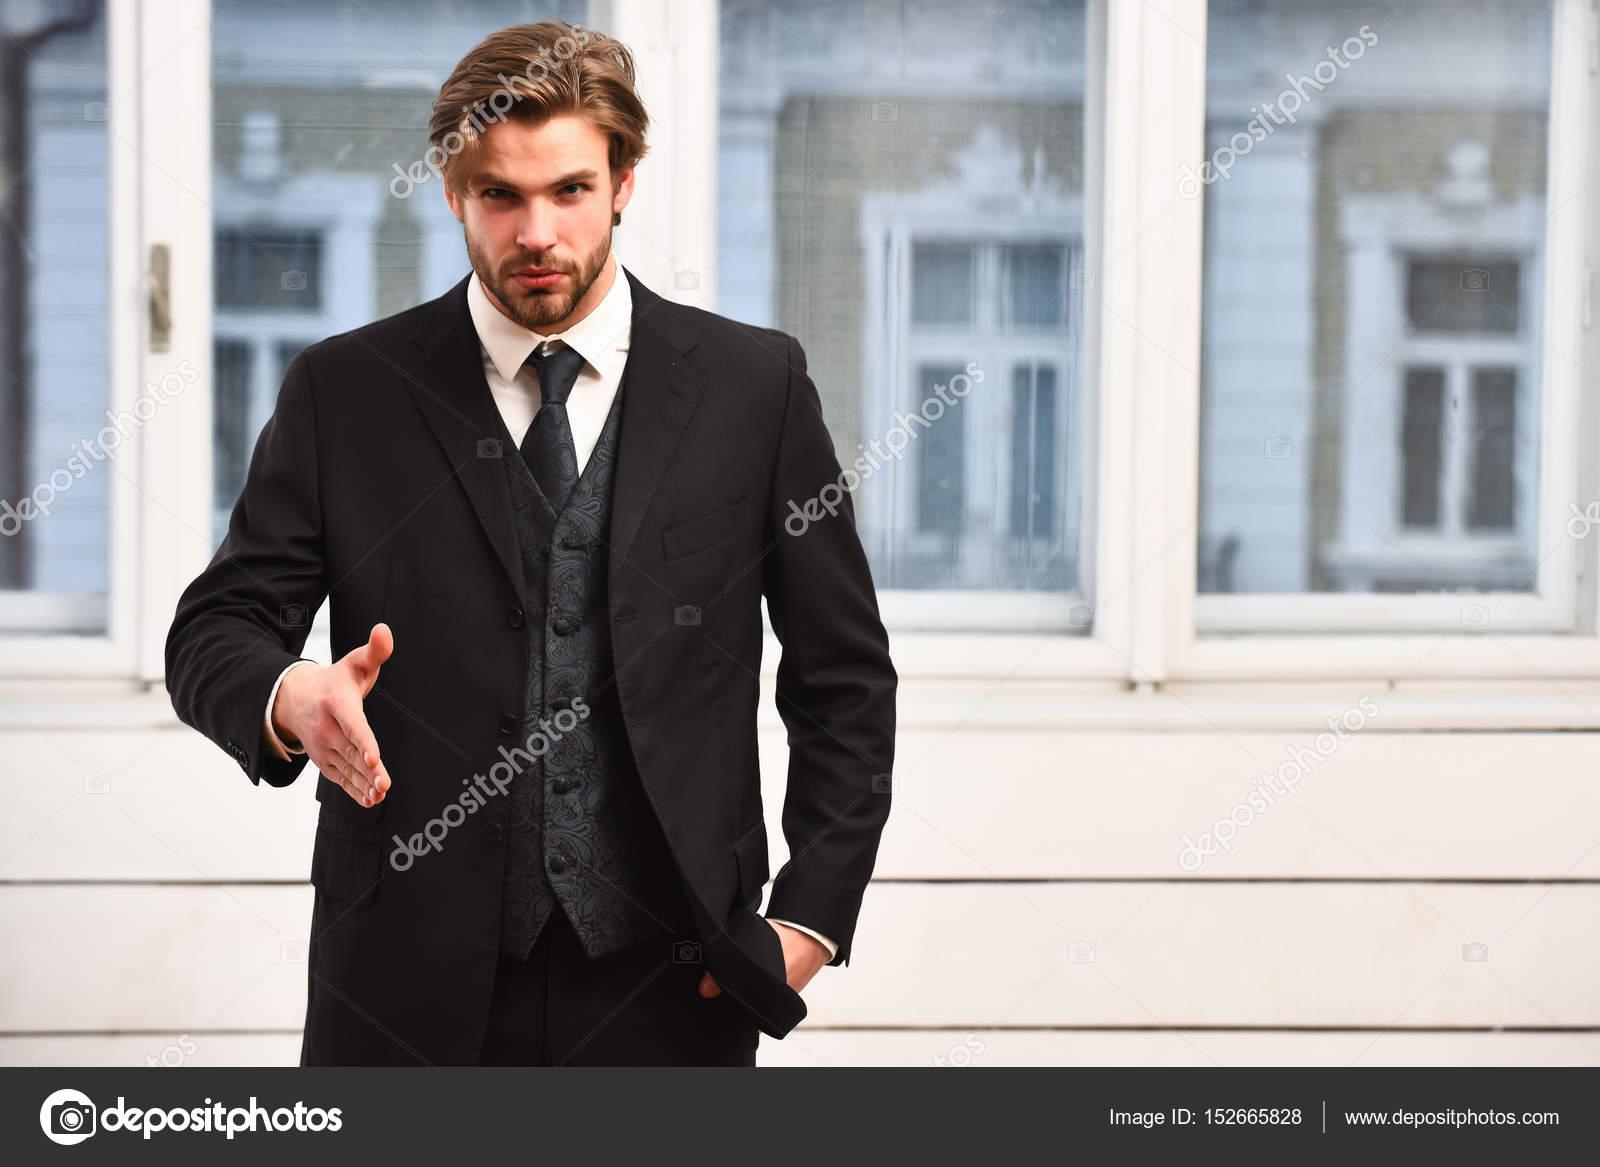 Mann Angebot Zusammenarbeit Mit Ernstem Gesicht In Schwarze Jacke